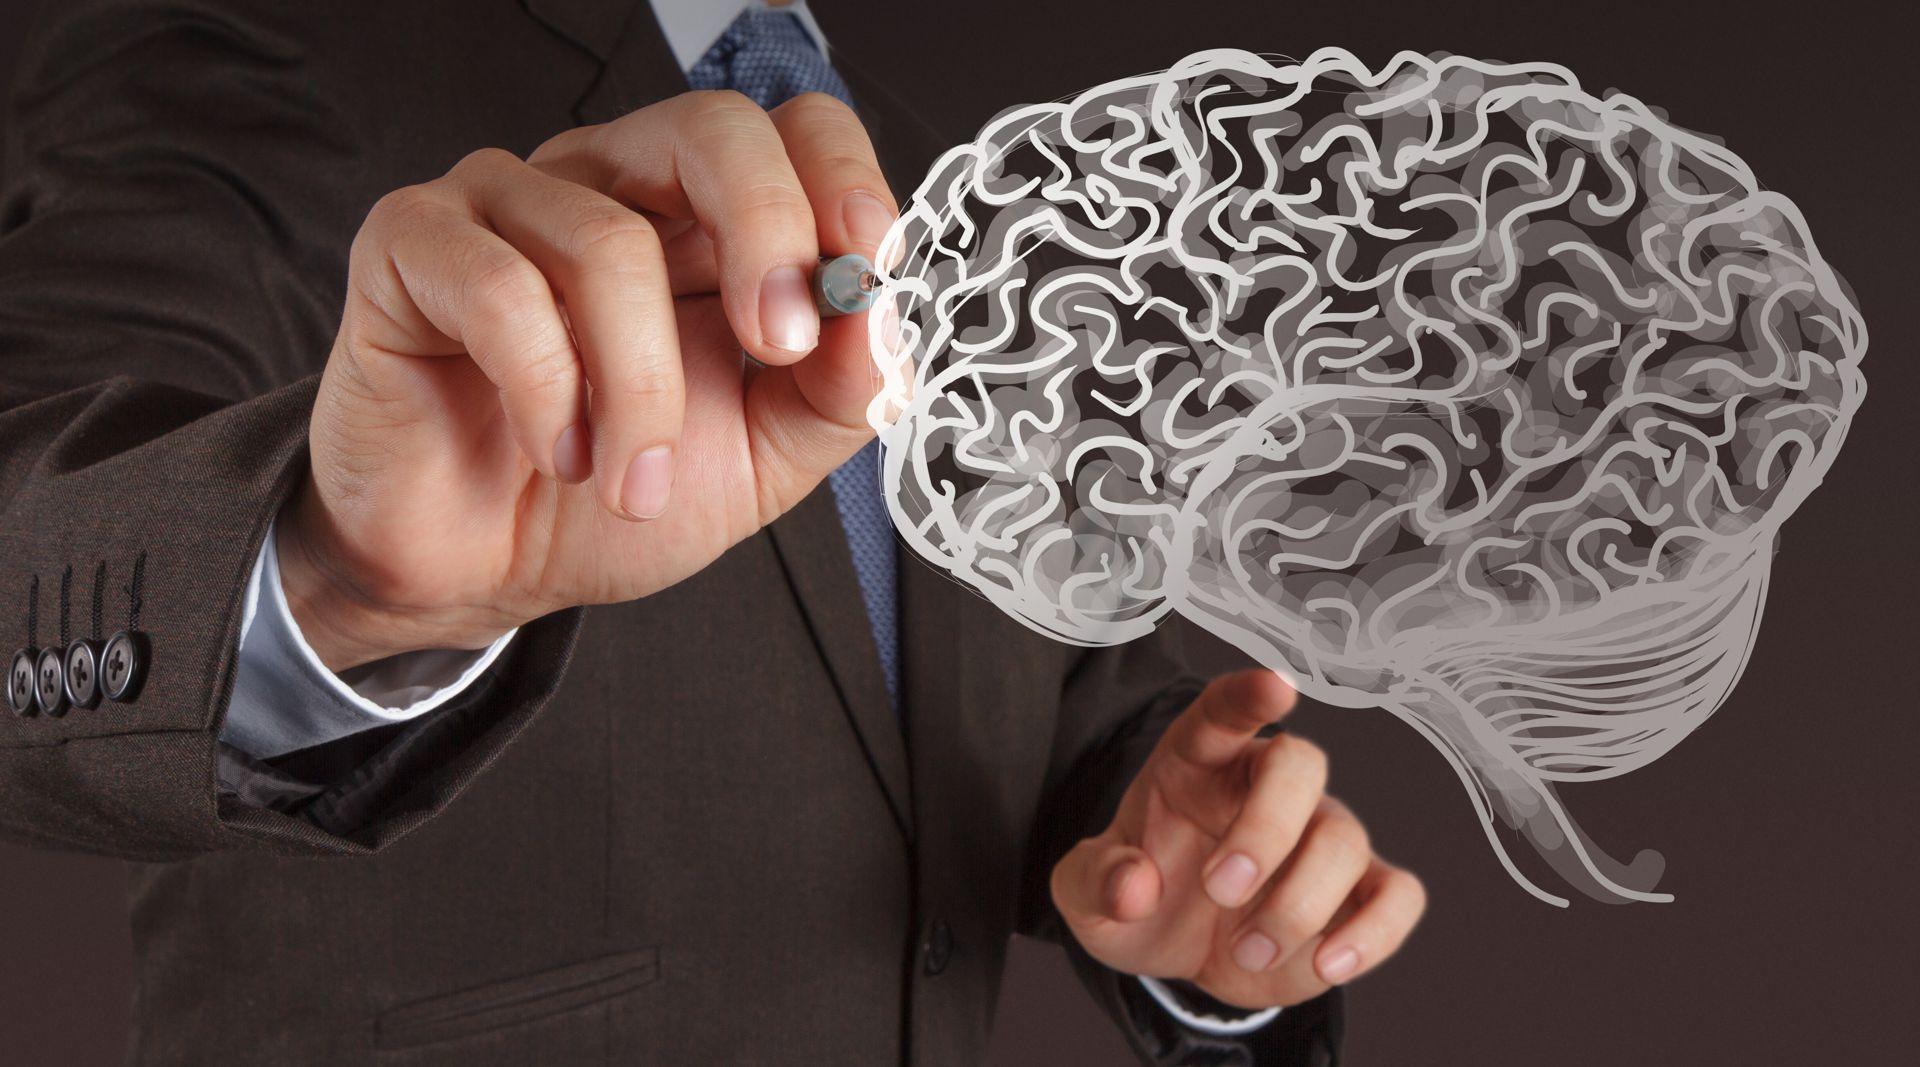 Ученые призвали ввести принципы биоэтики в сферу нейроимплантов